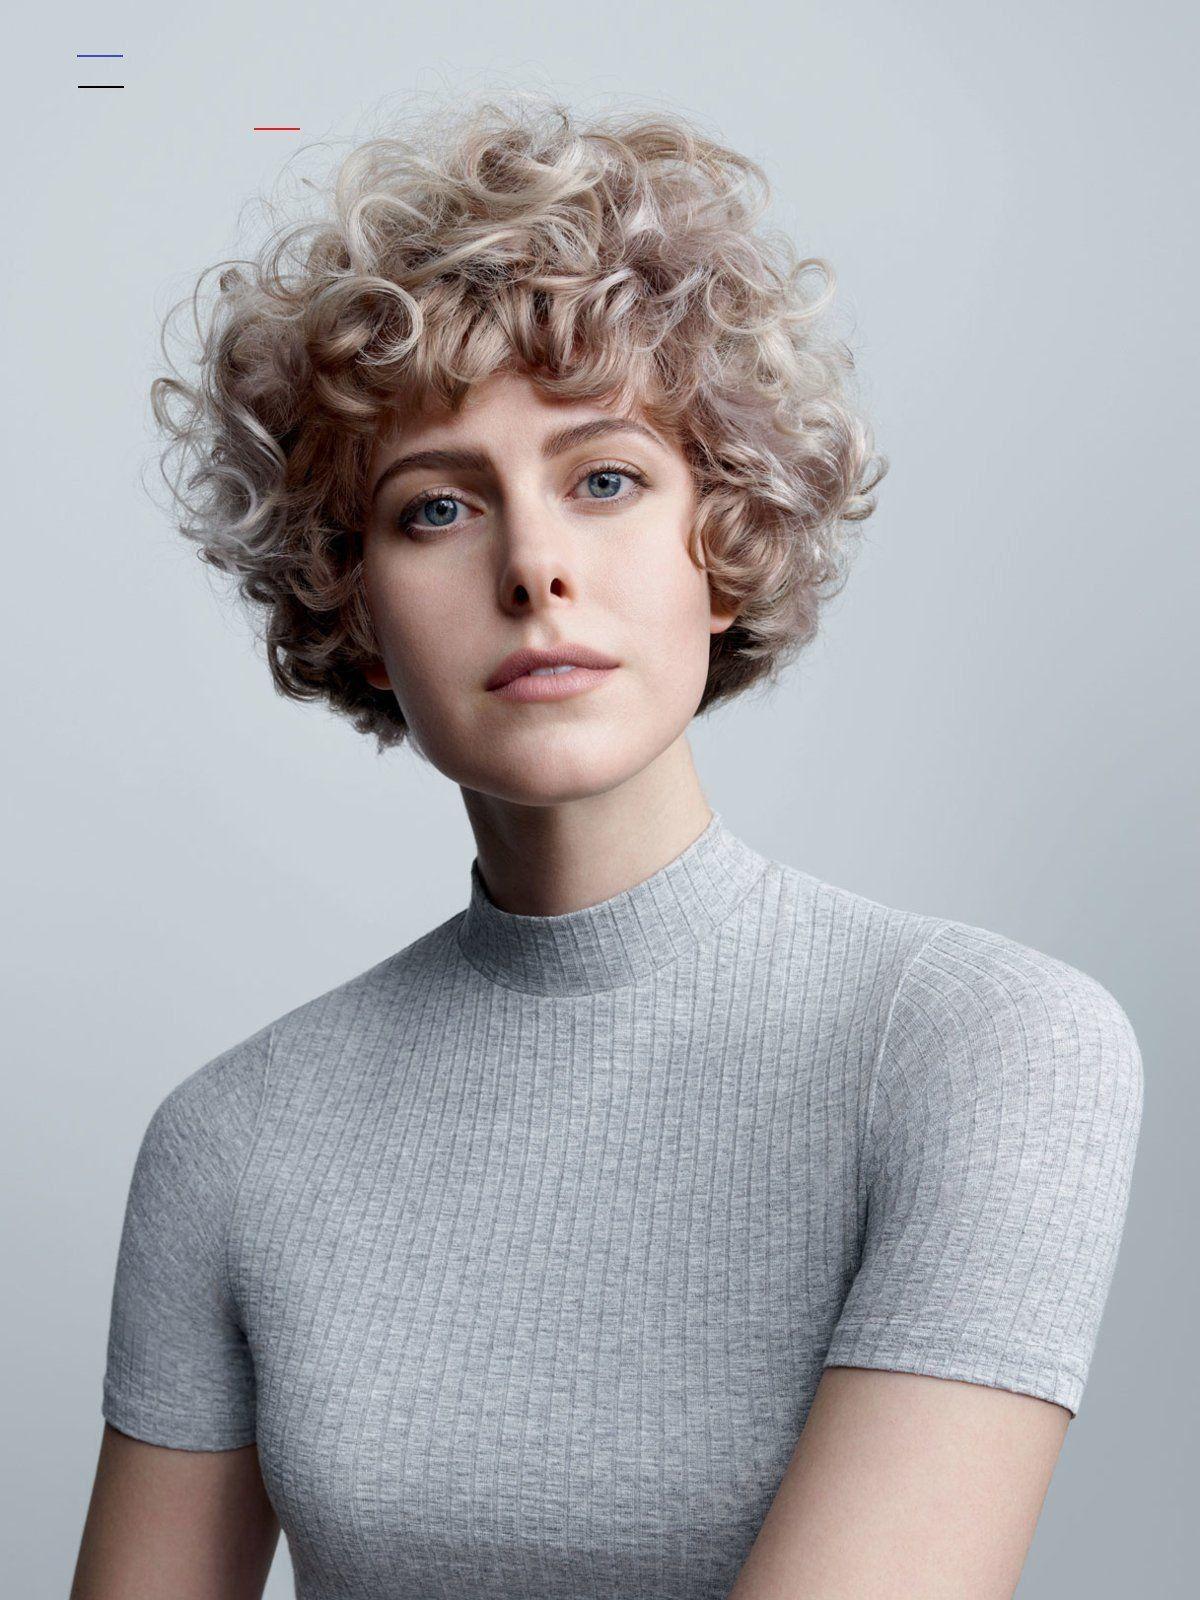 Lockenfrisur für kurze Haare   softcurls   Kurzhaarfrisur trotz ...